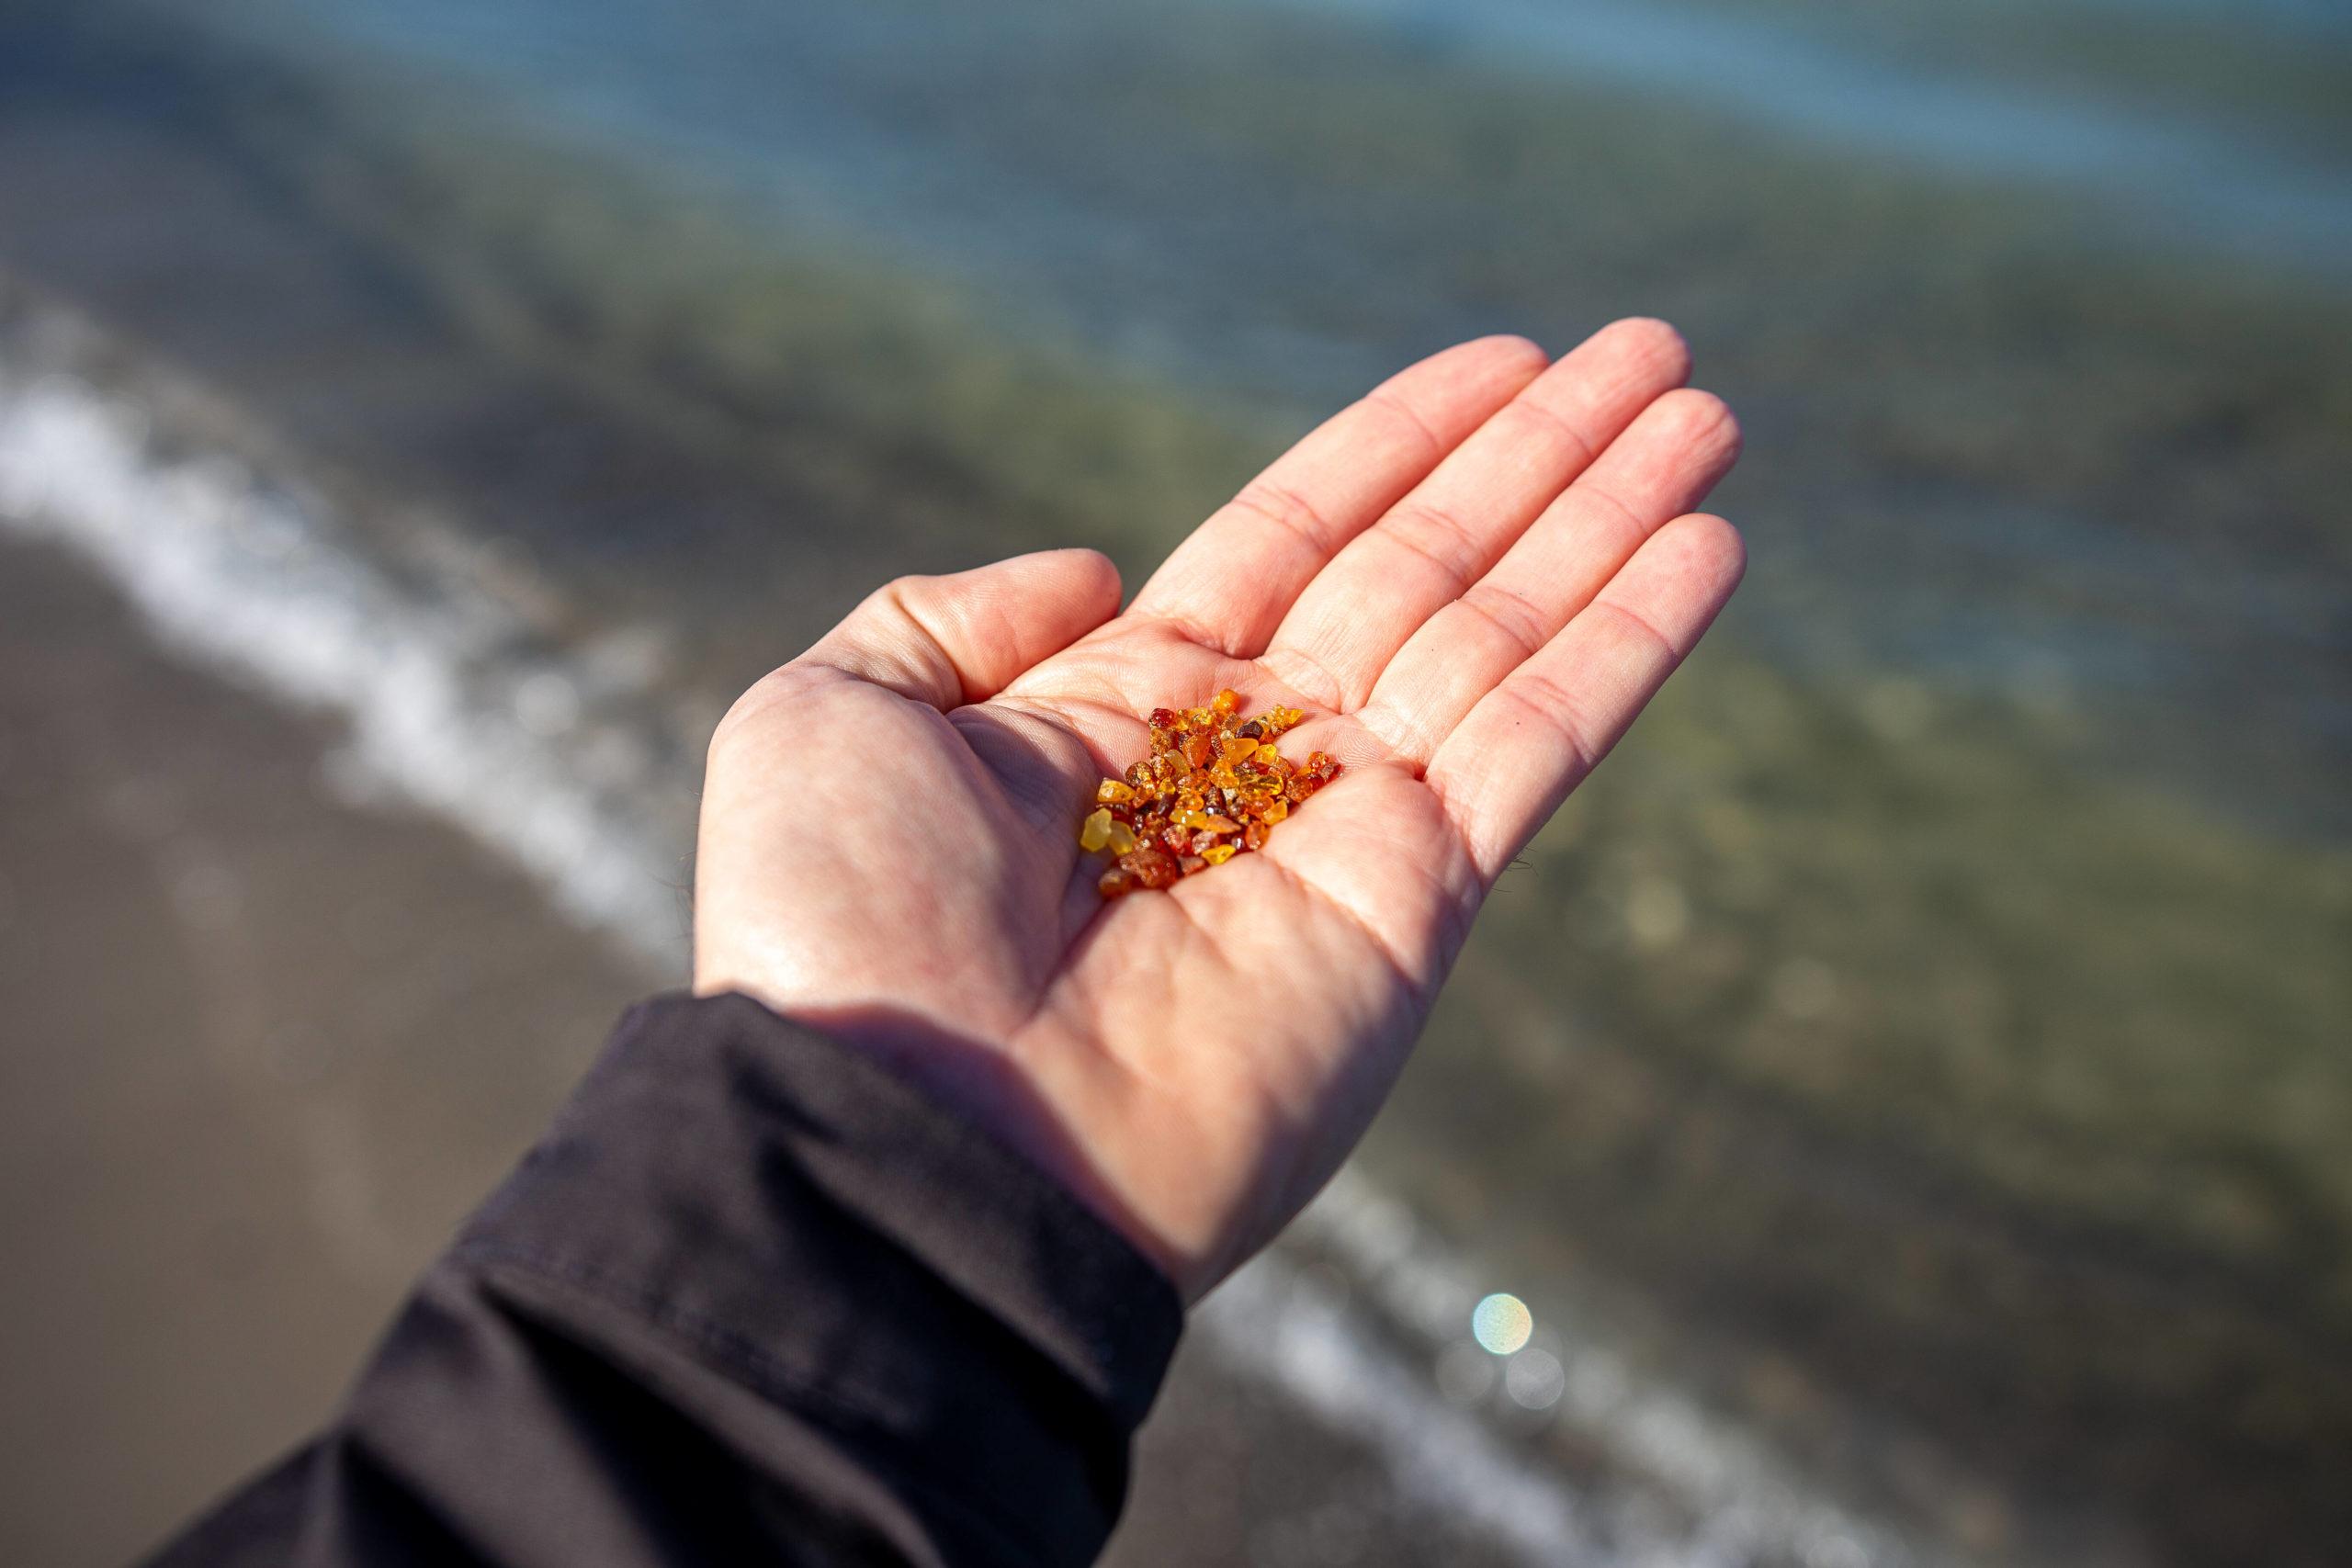 Schönste Strände Ostsee Am berühmten Strand Binz kann man alles machen, was zu einem unvergesslichen Strandtag gehört: Bernsteine suchen, ein Lagerfeuer machen, Volleyball spielen, Cocktails schlürfen.